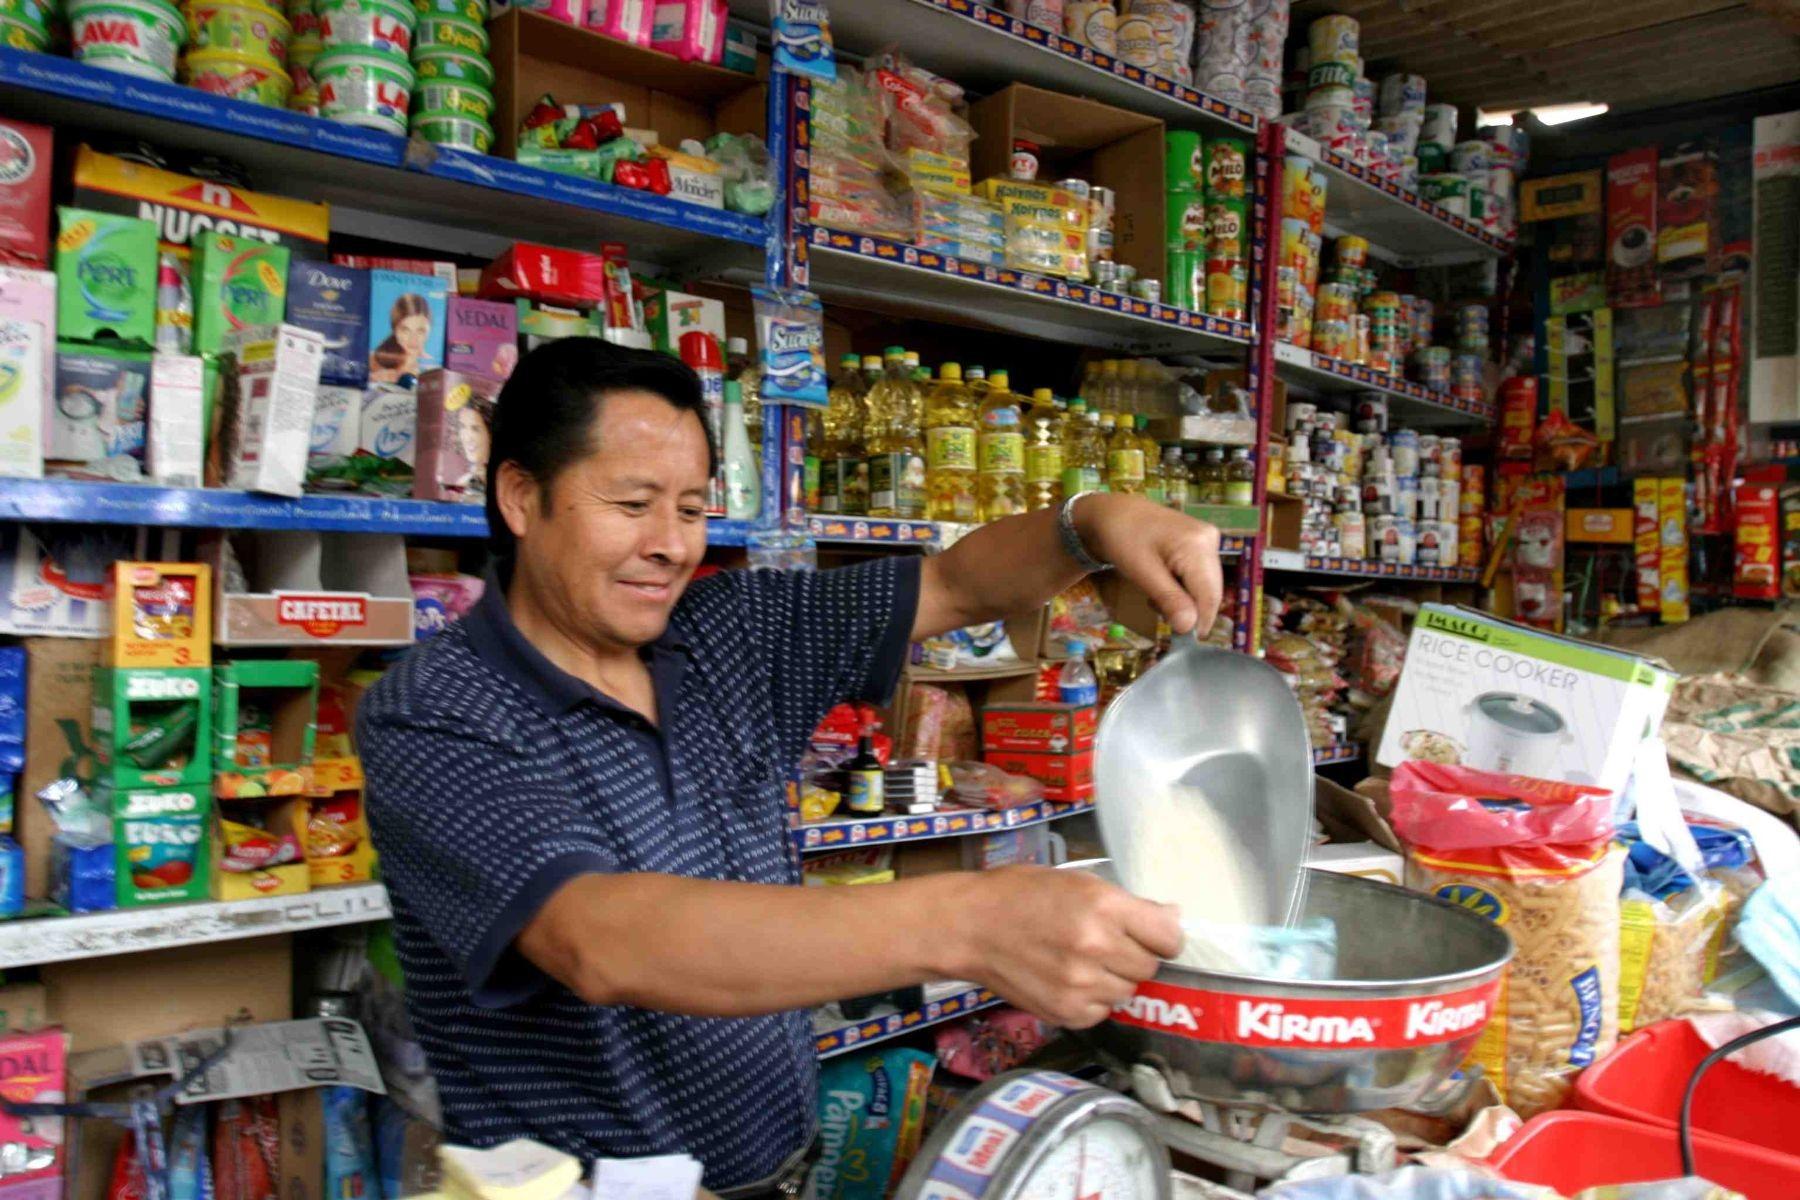 bodeguero - Las bodegas en el Perú y las herramientas para enfrentar al retail moderno